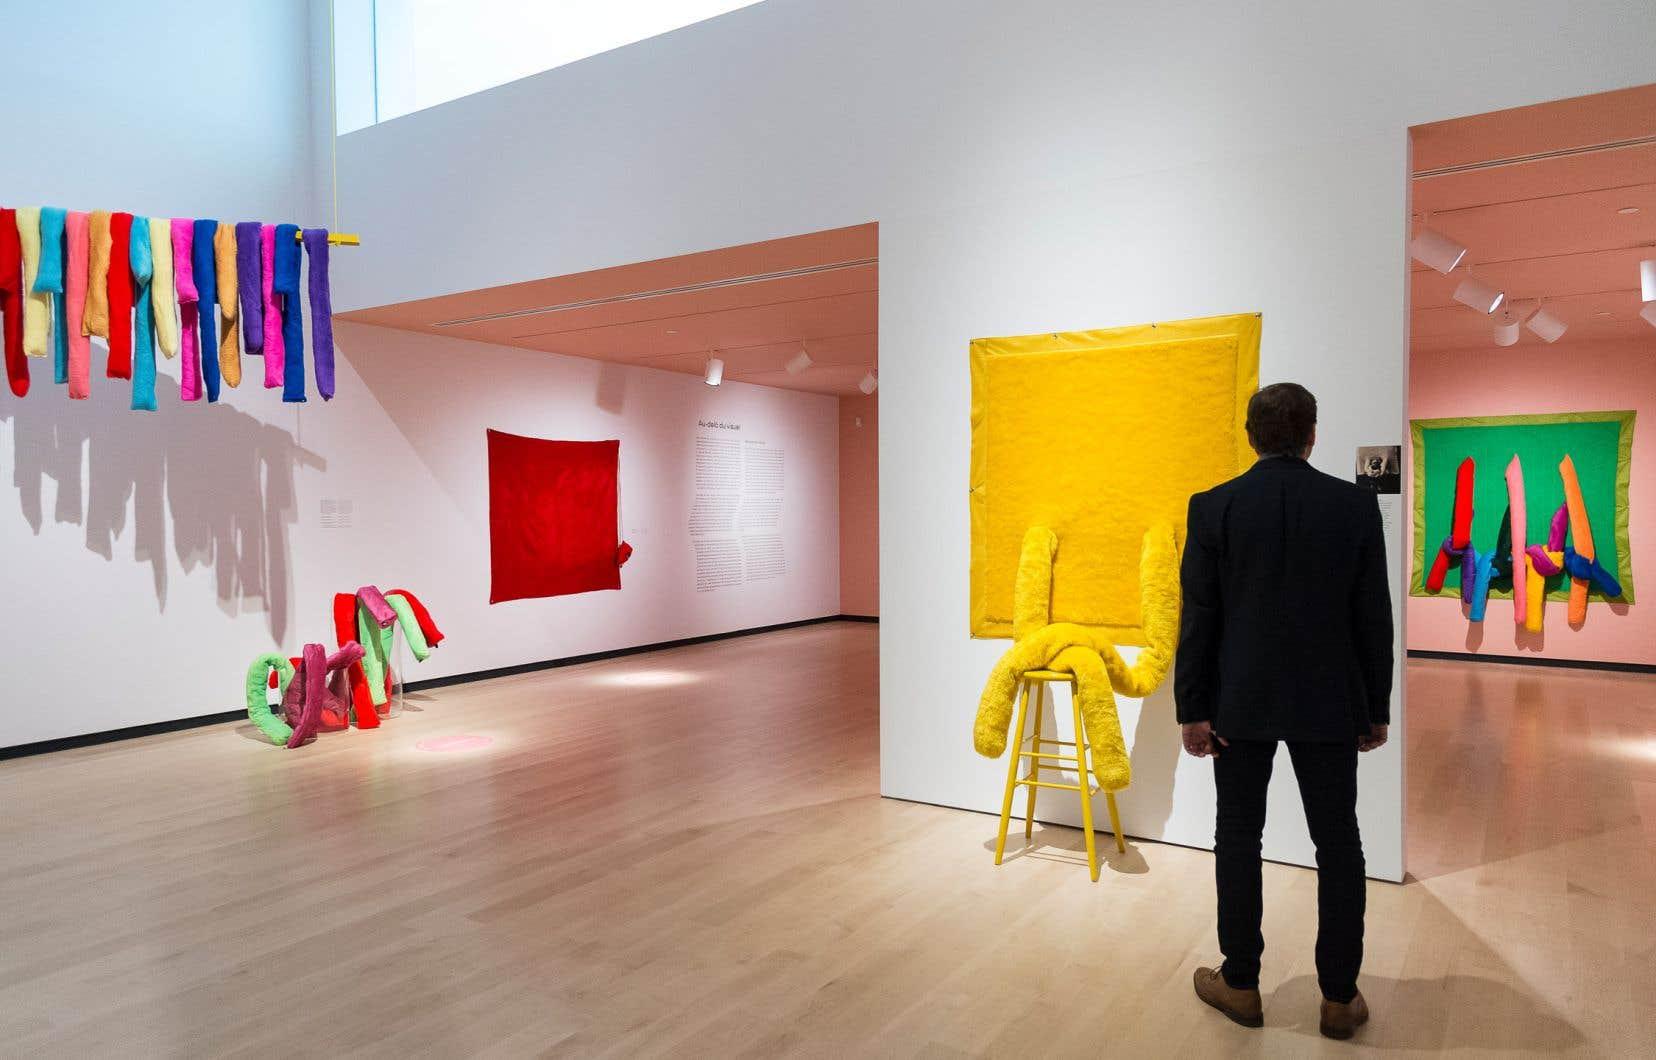 La rétrospective débute par plusieurs œuvres aux couleurs vives et réalisées en matières souples.